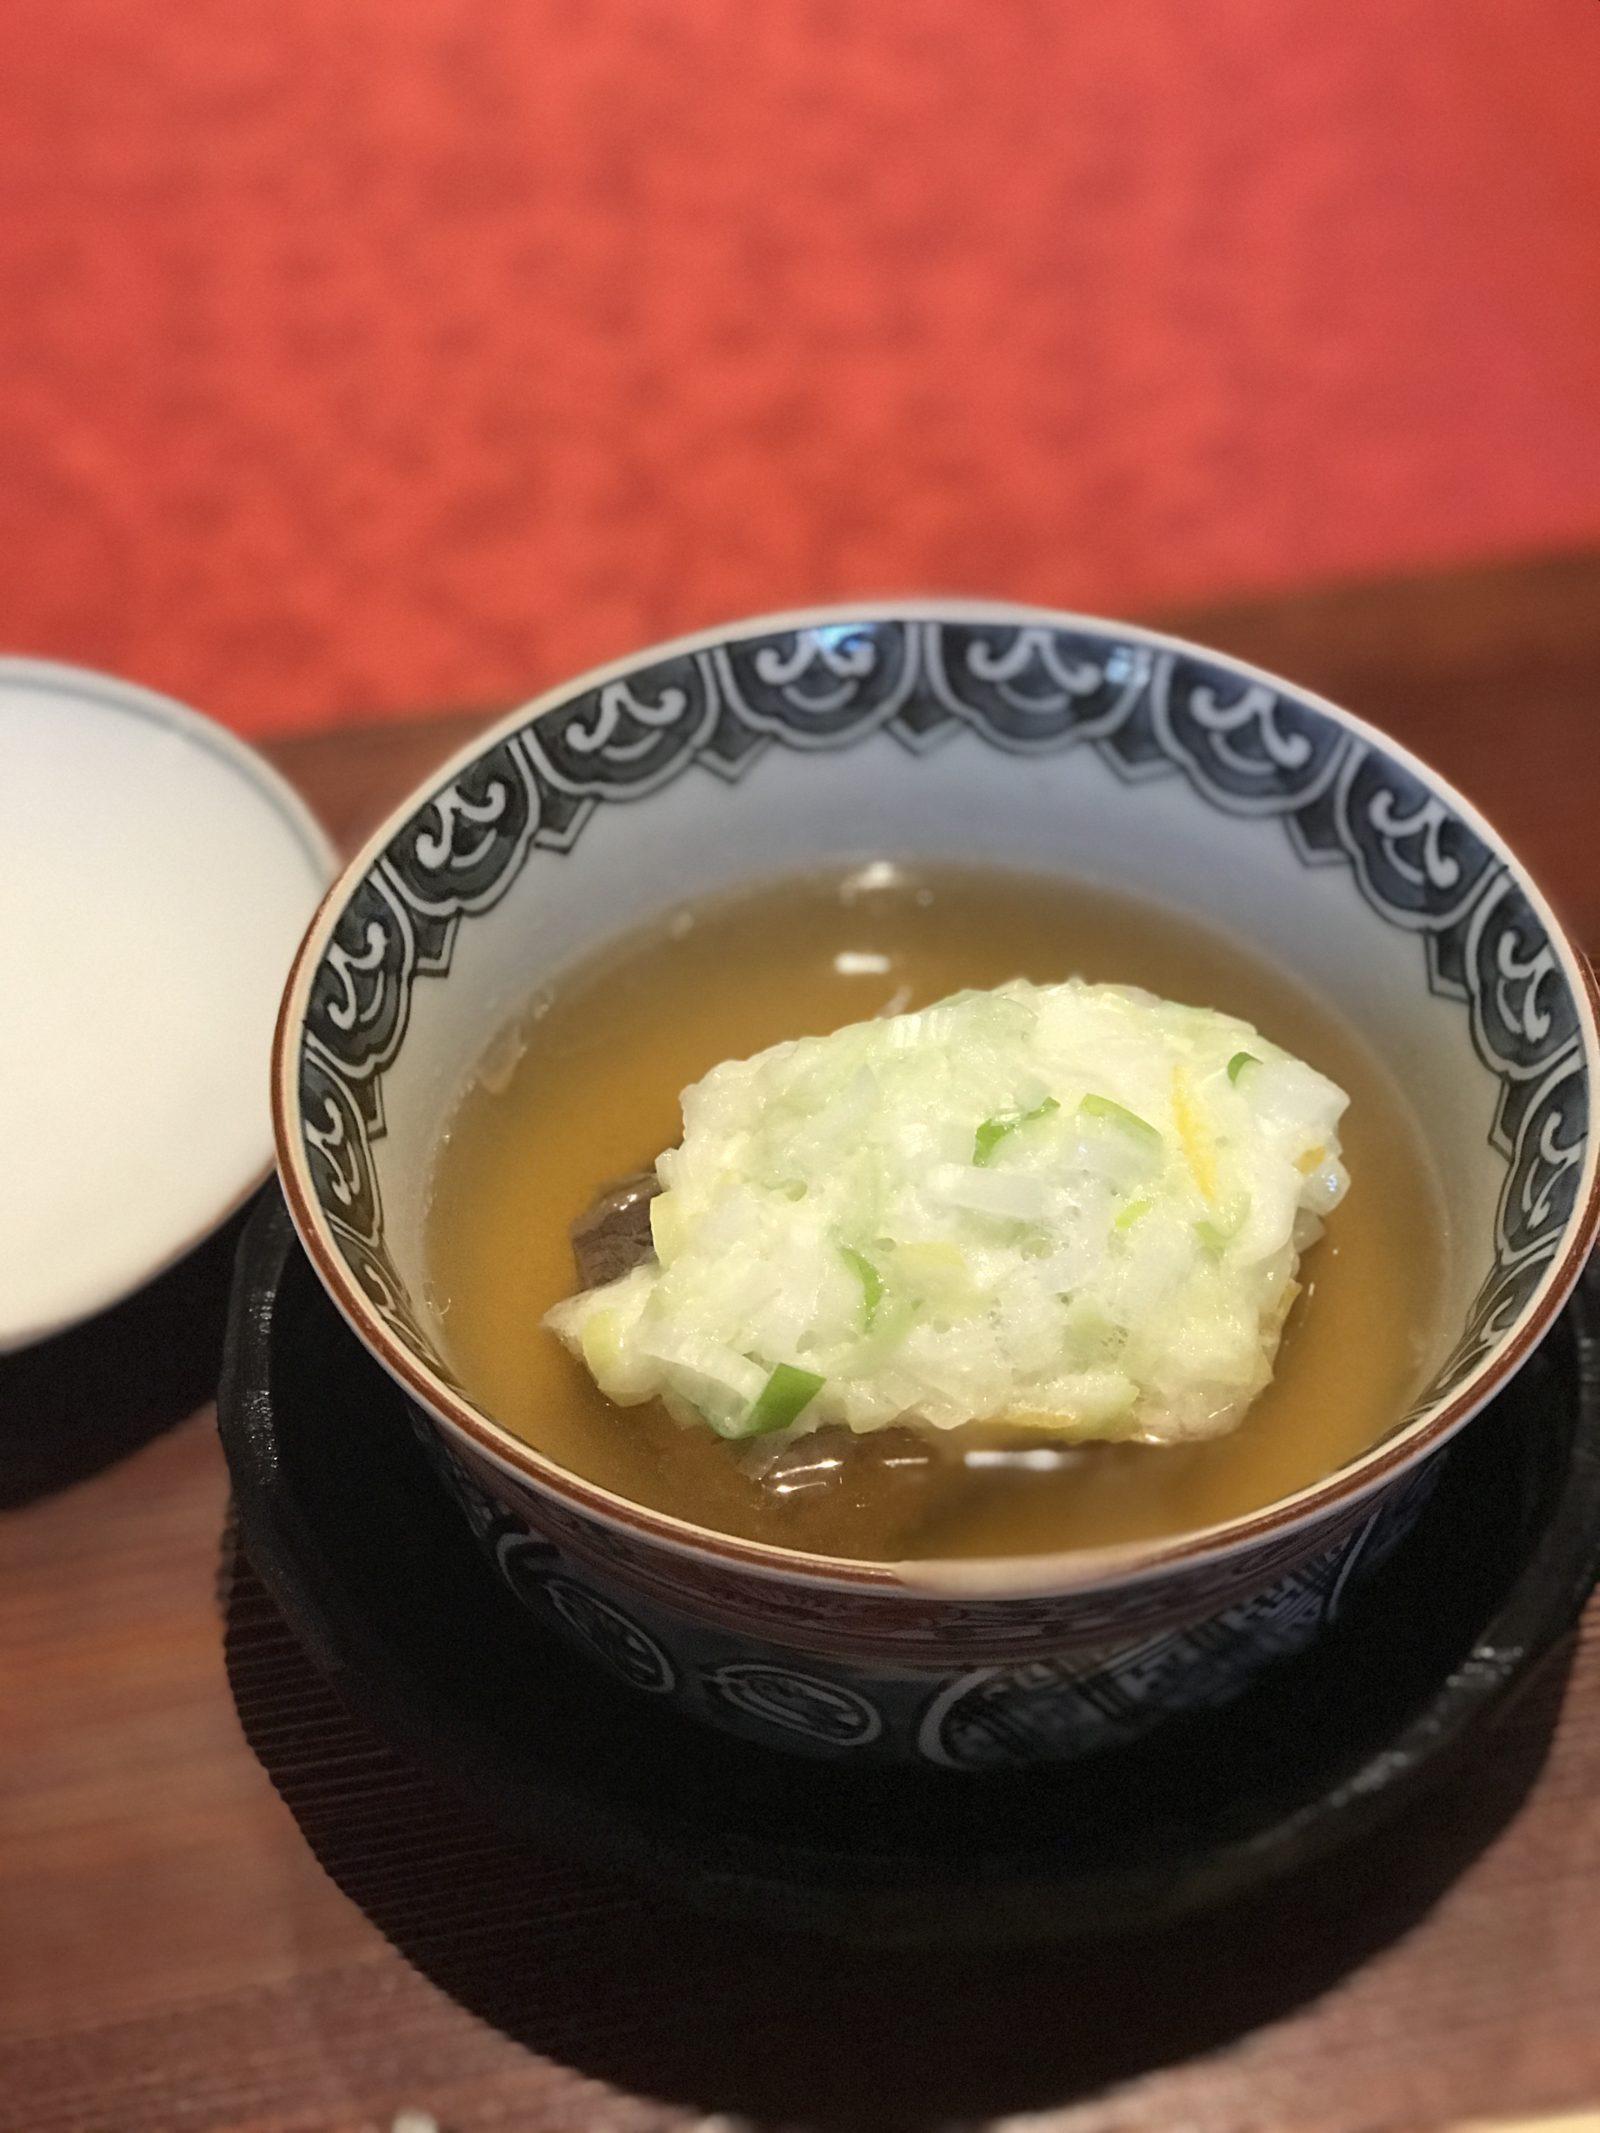 京都へお出かけ♪ 祇園割烹『陶然亭(とうぜんてい)』本格京料理を気軽に味わう。